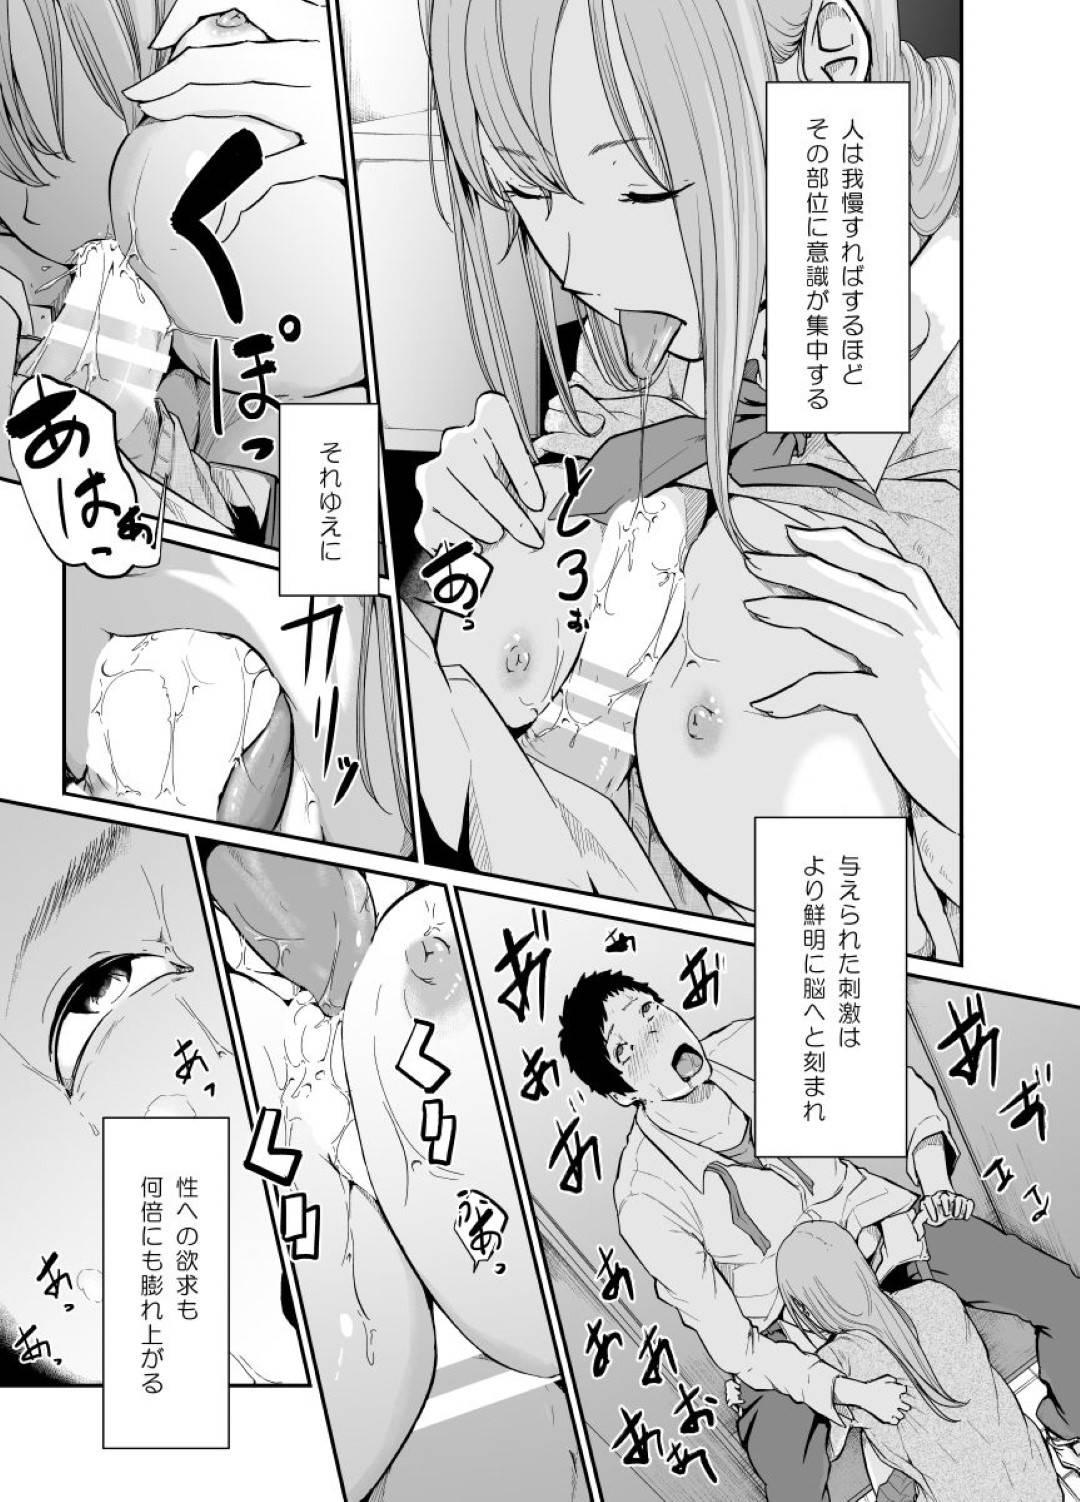 【エロ漫画】【エロ漫画】トイレで男子を調教逆レイプする痴女JK…手コキフェラで何度も射精させ連続セックスで精液を搾り取る【モノクロイド:遊びのつもりだったのに 中編】